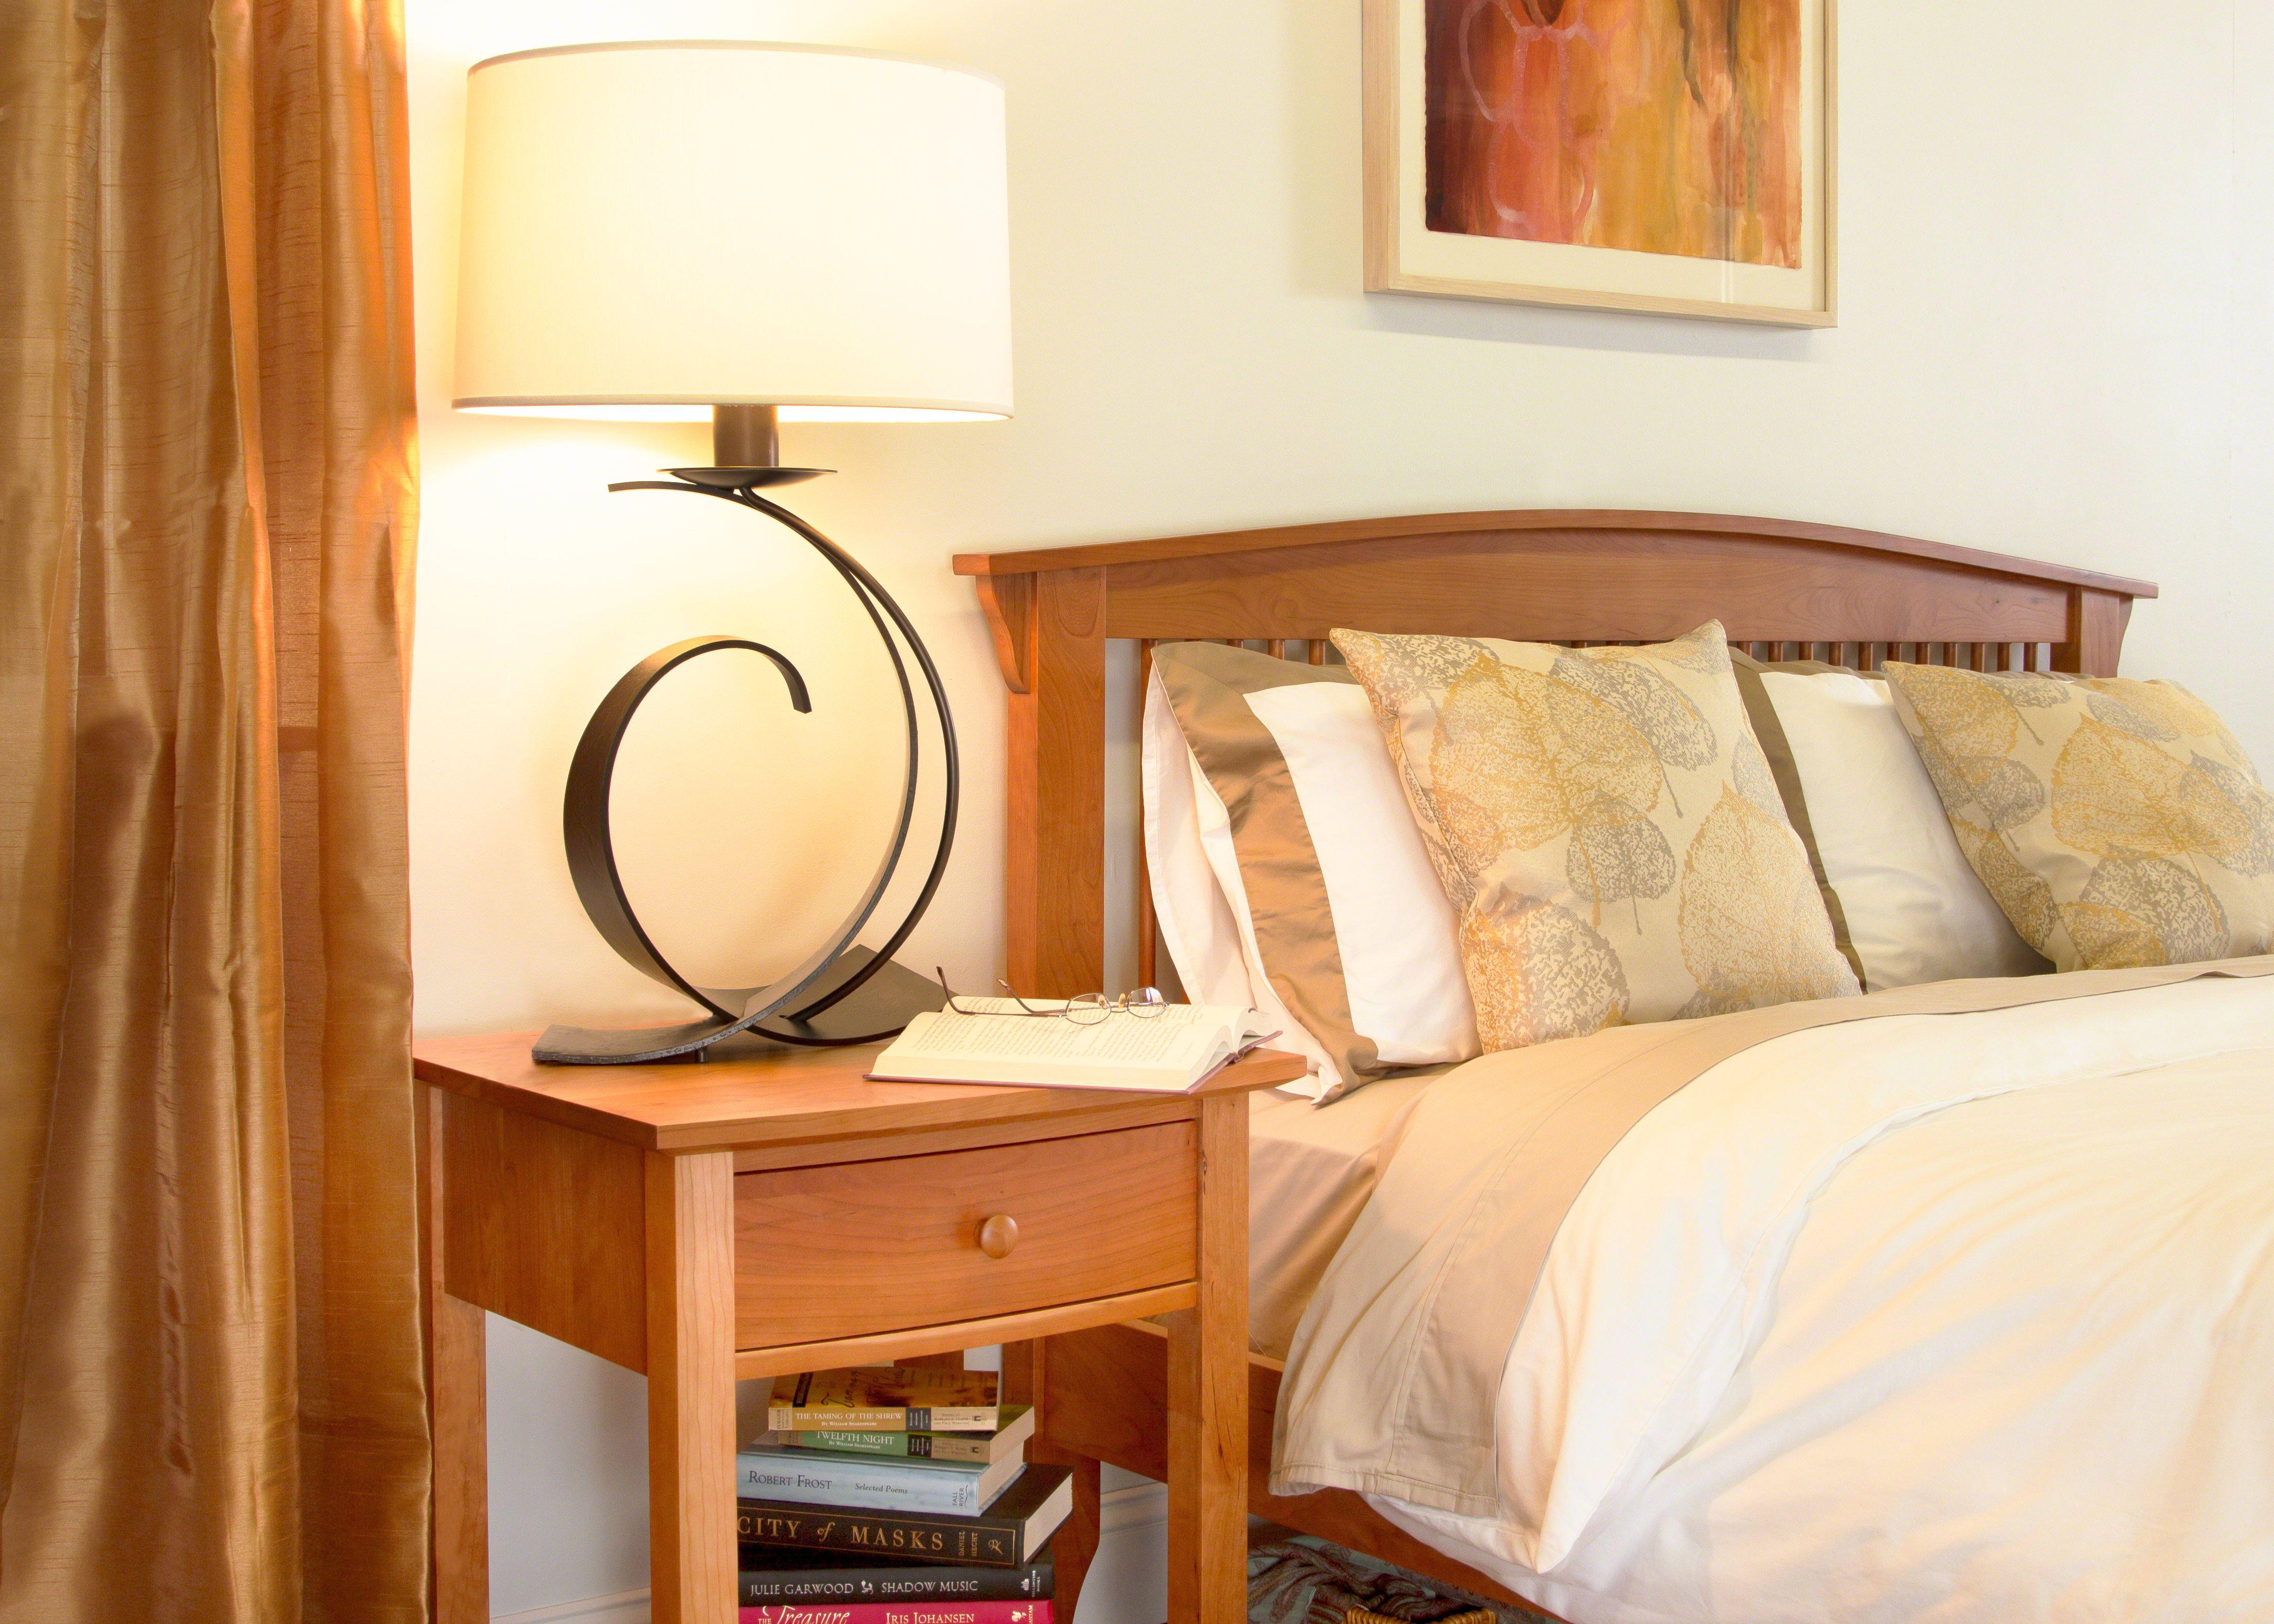 Hardwood Cherry Spindle Bed with Hubbardton Lighting